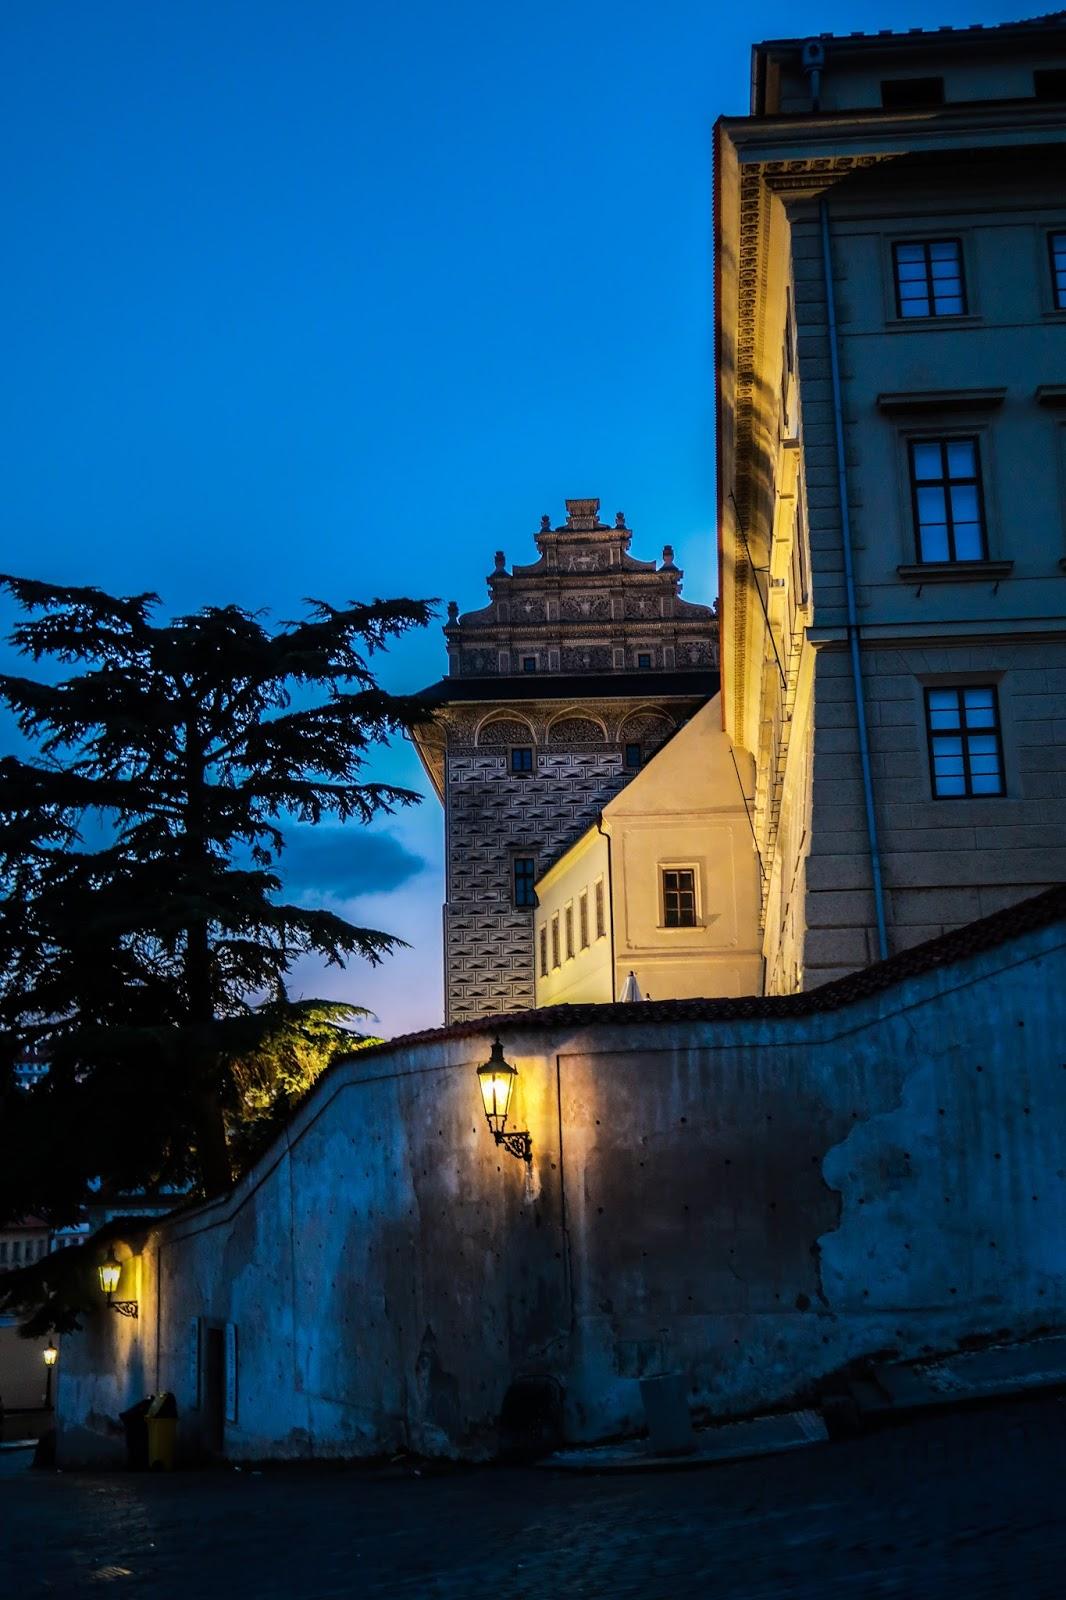 Wandering around Prague at night